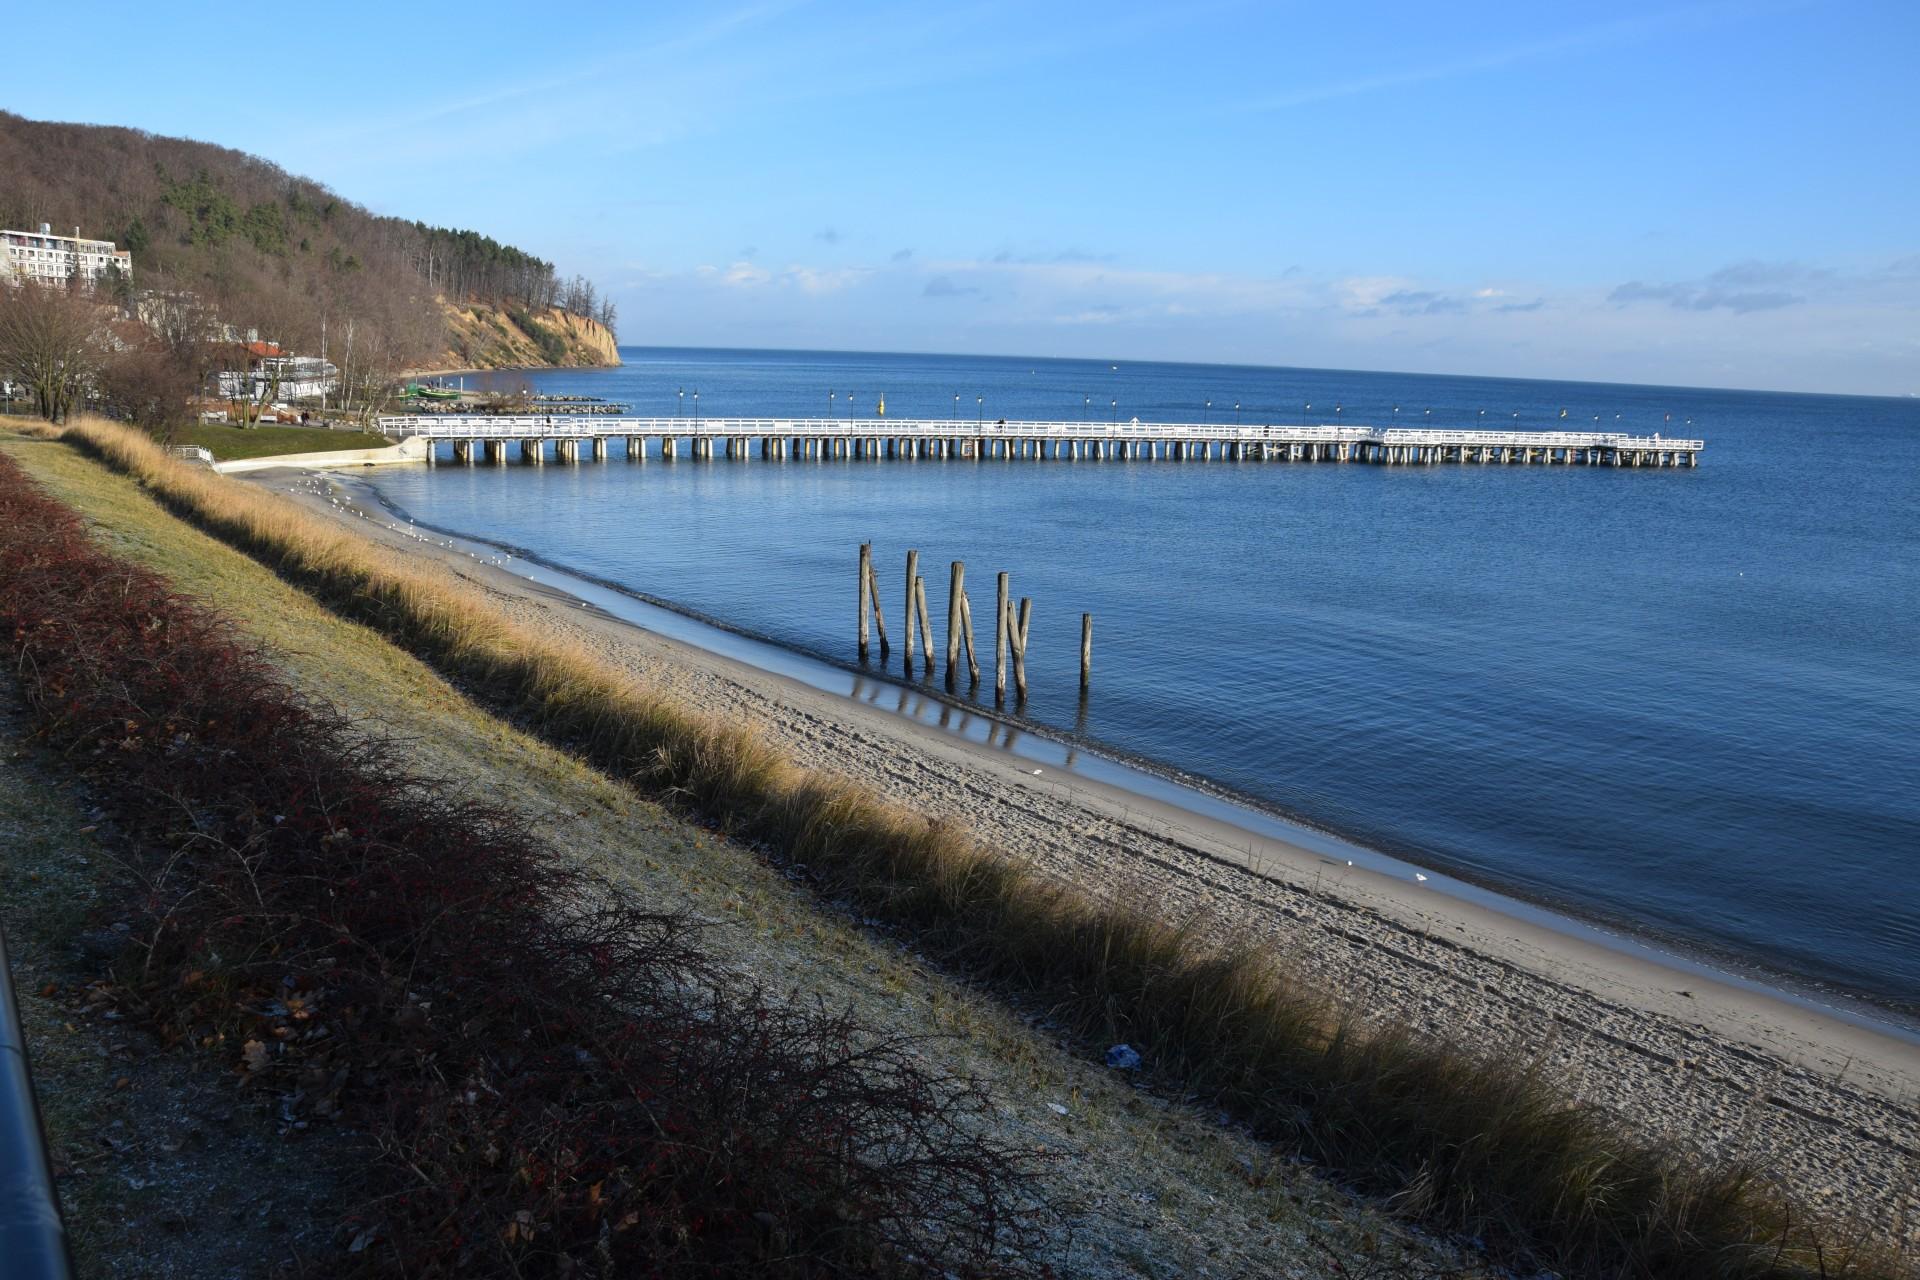 Druga wyprawa do wsi Gdynia 18